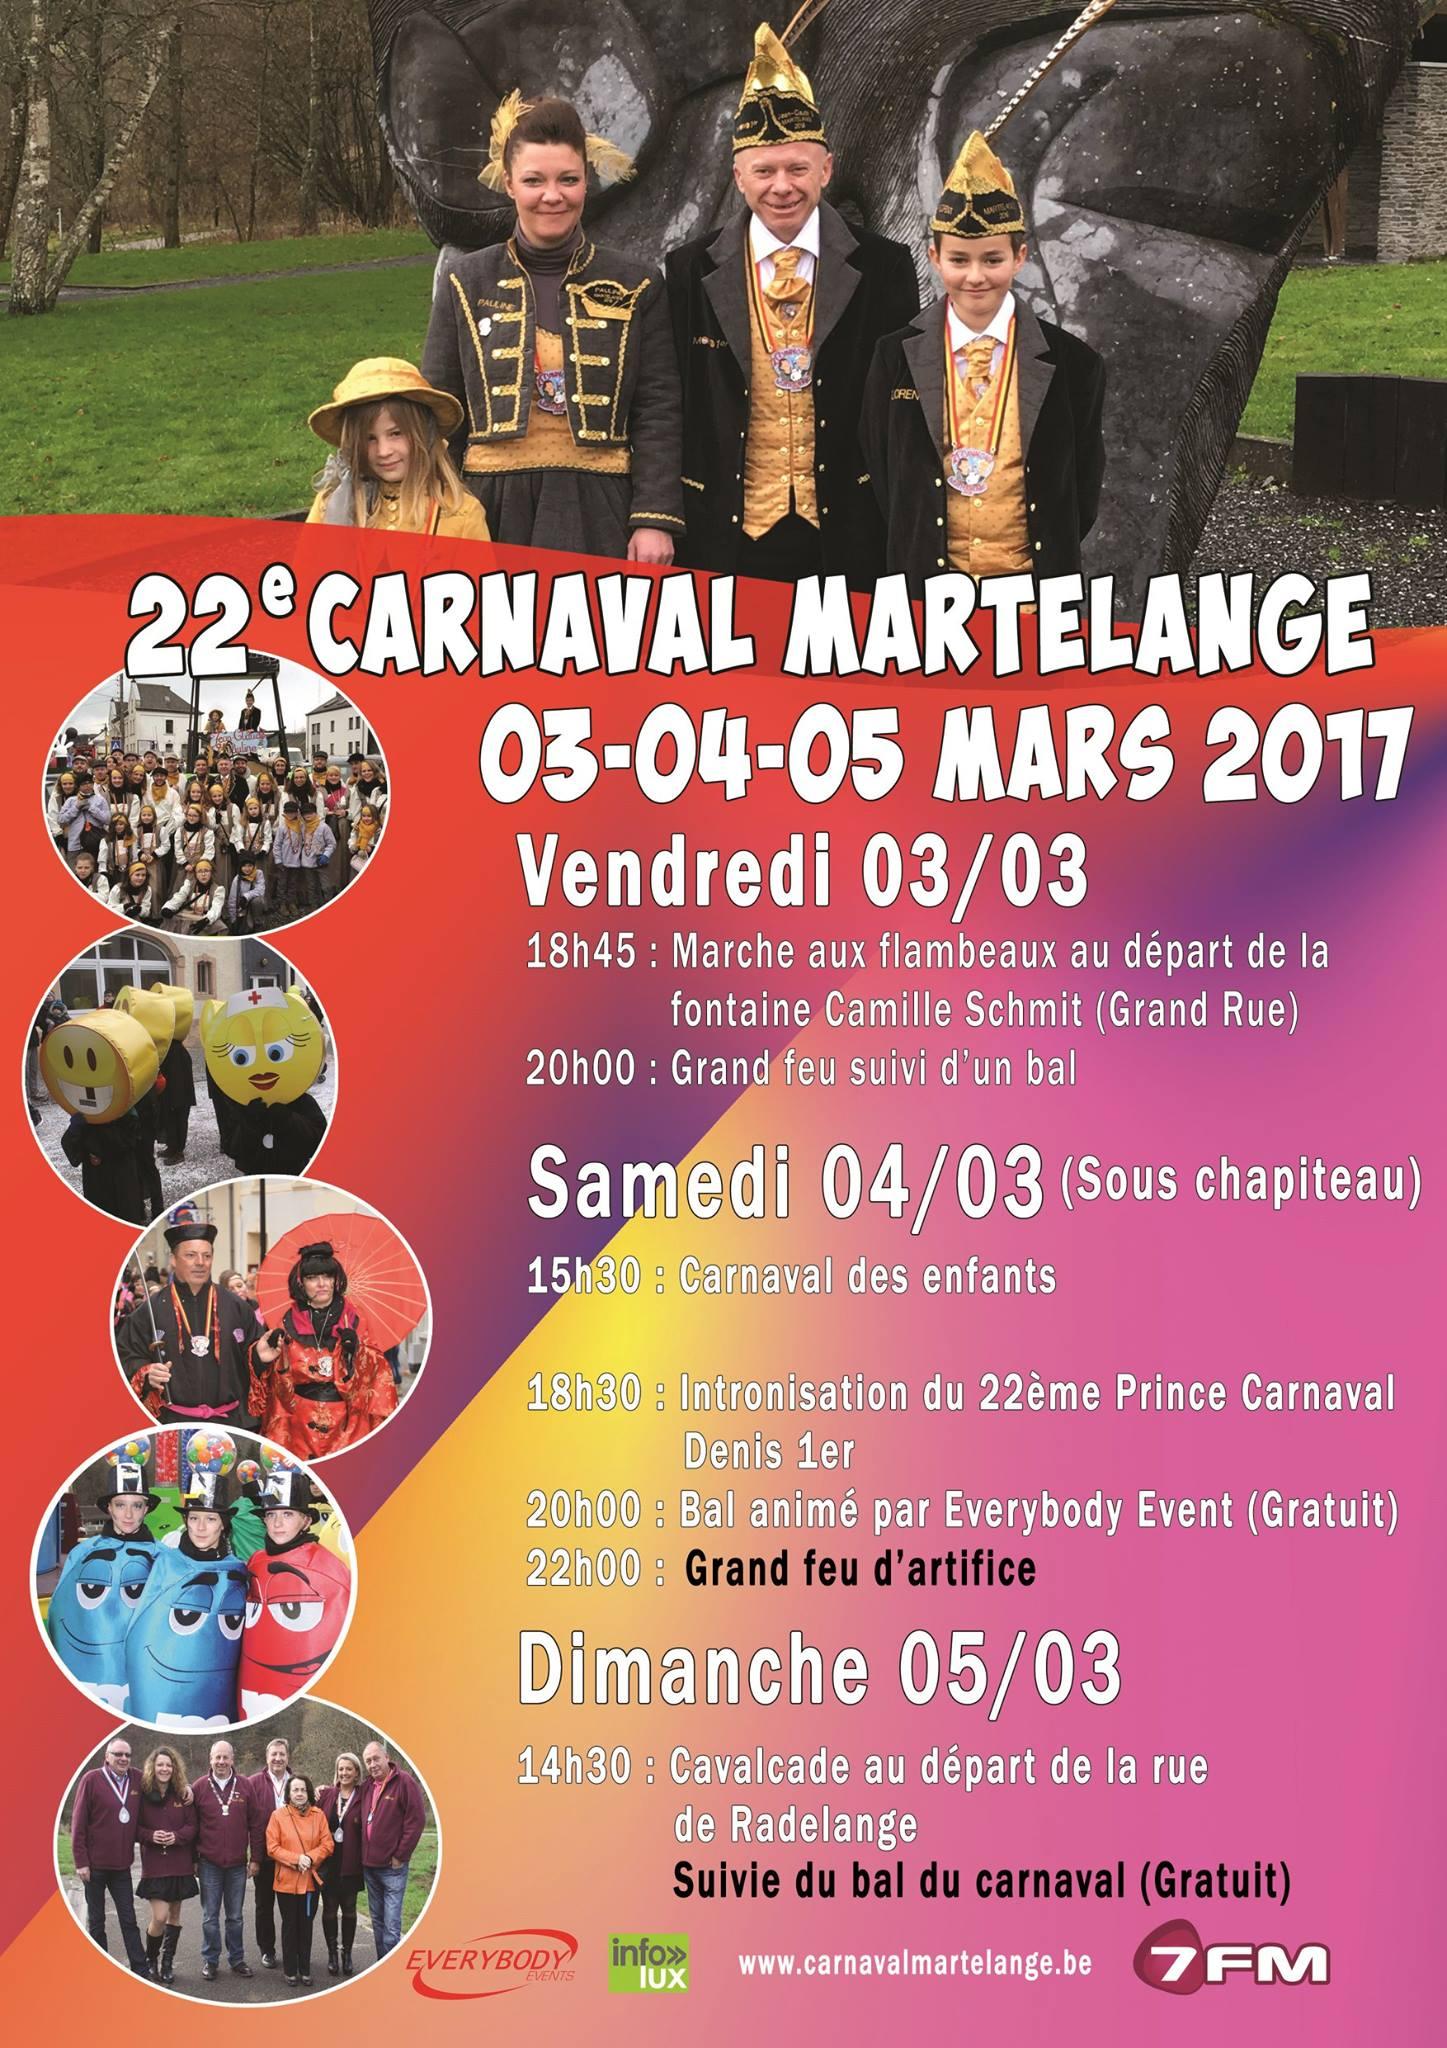 Programme du Carnaval de Martelange